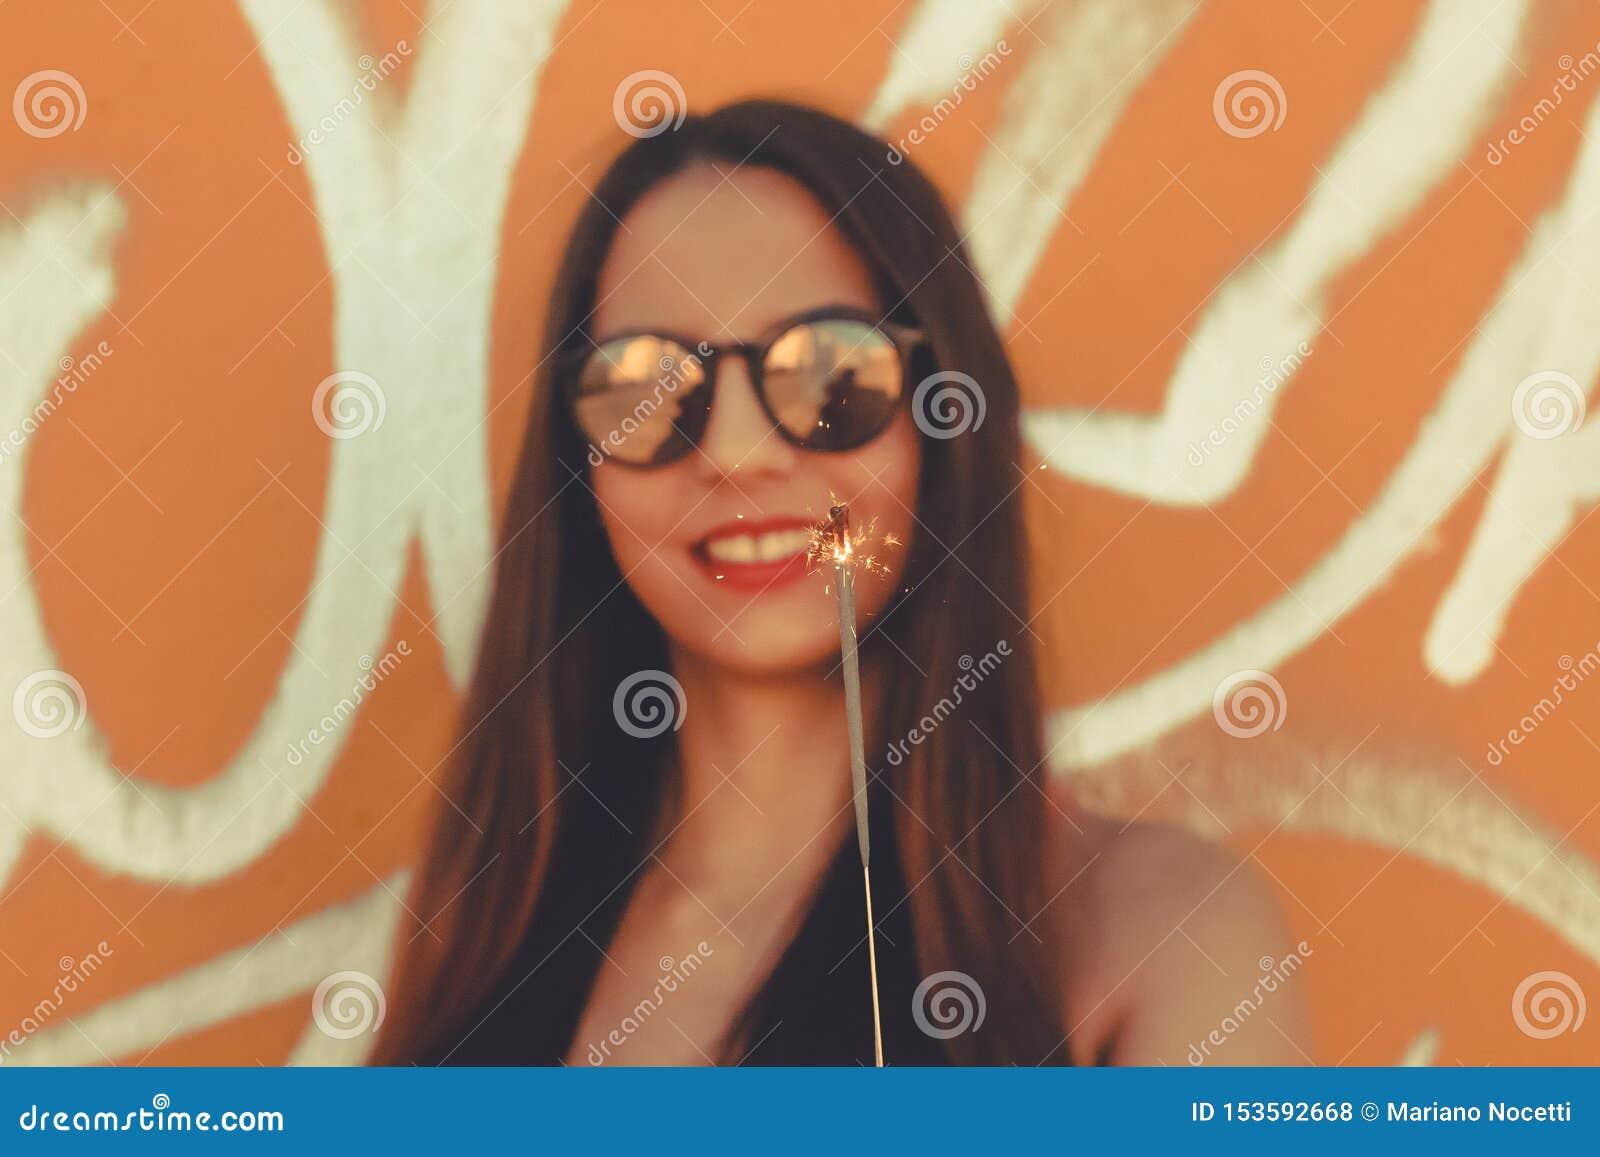 Девушка усмехаясь пока используя бенгальские огни